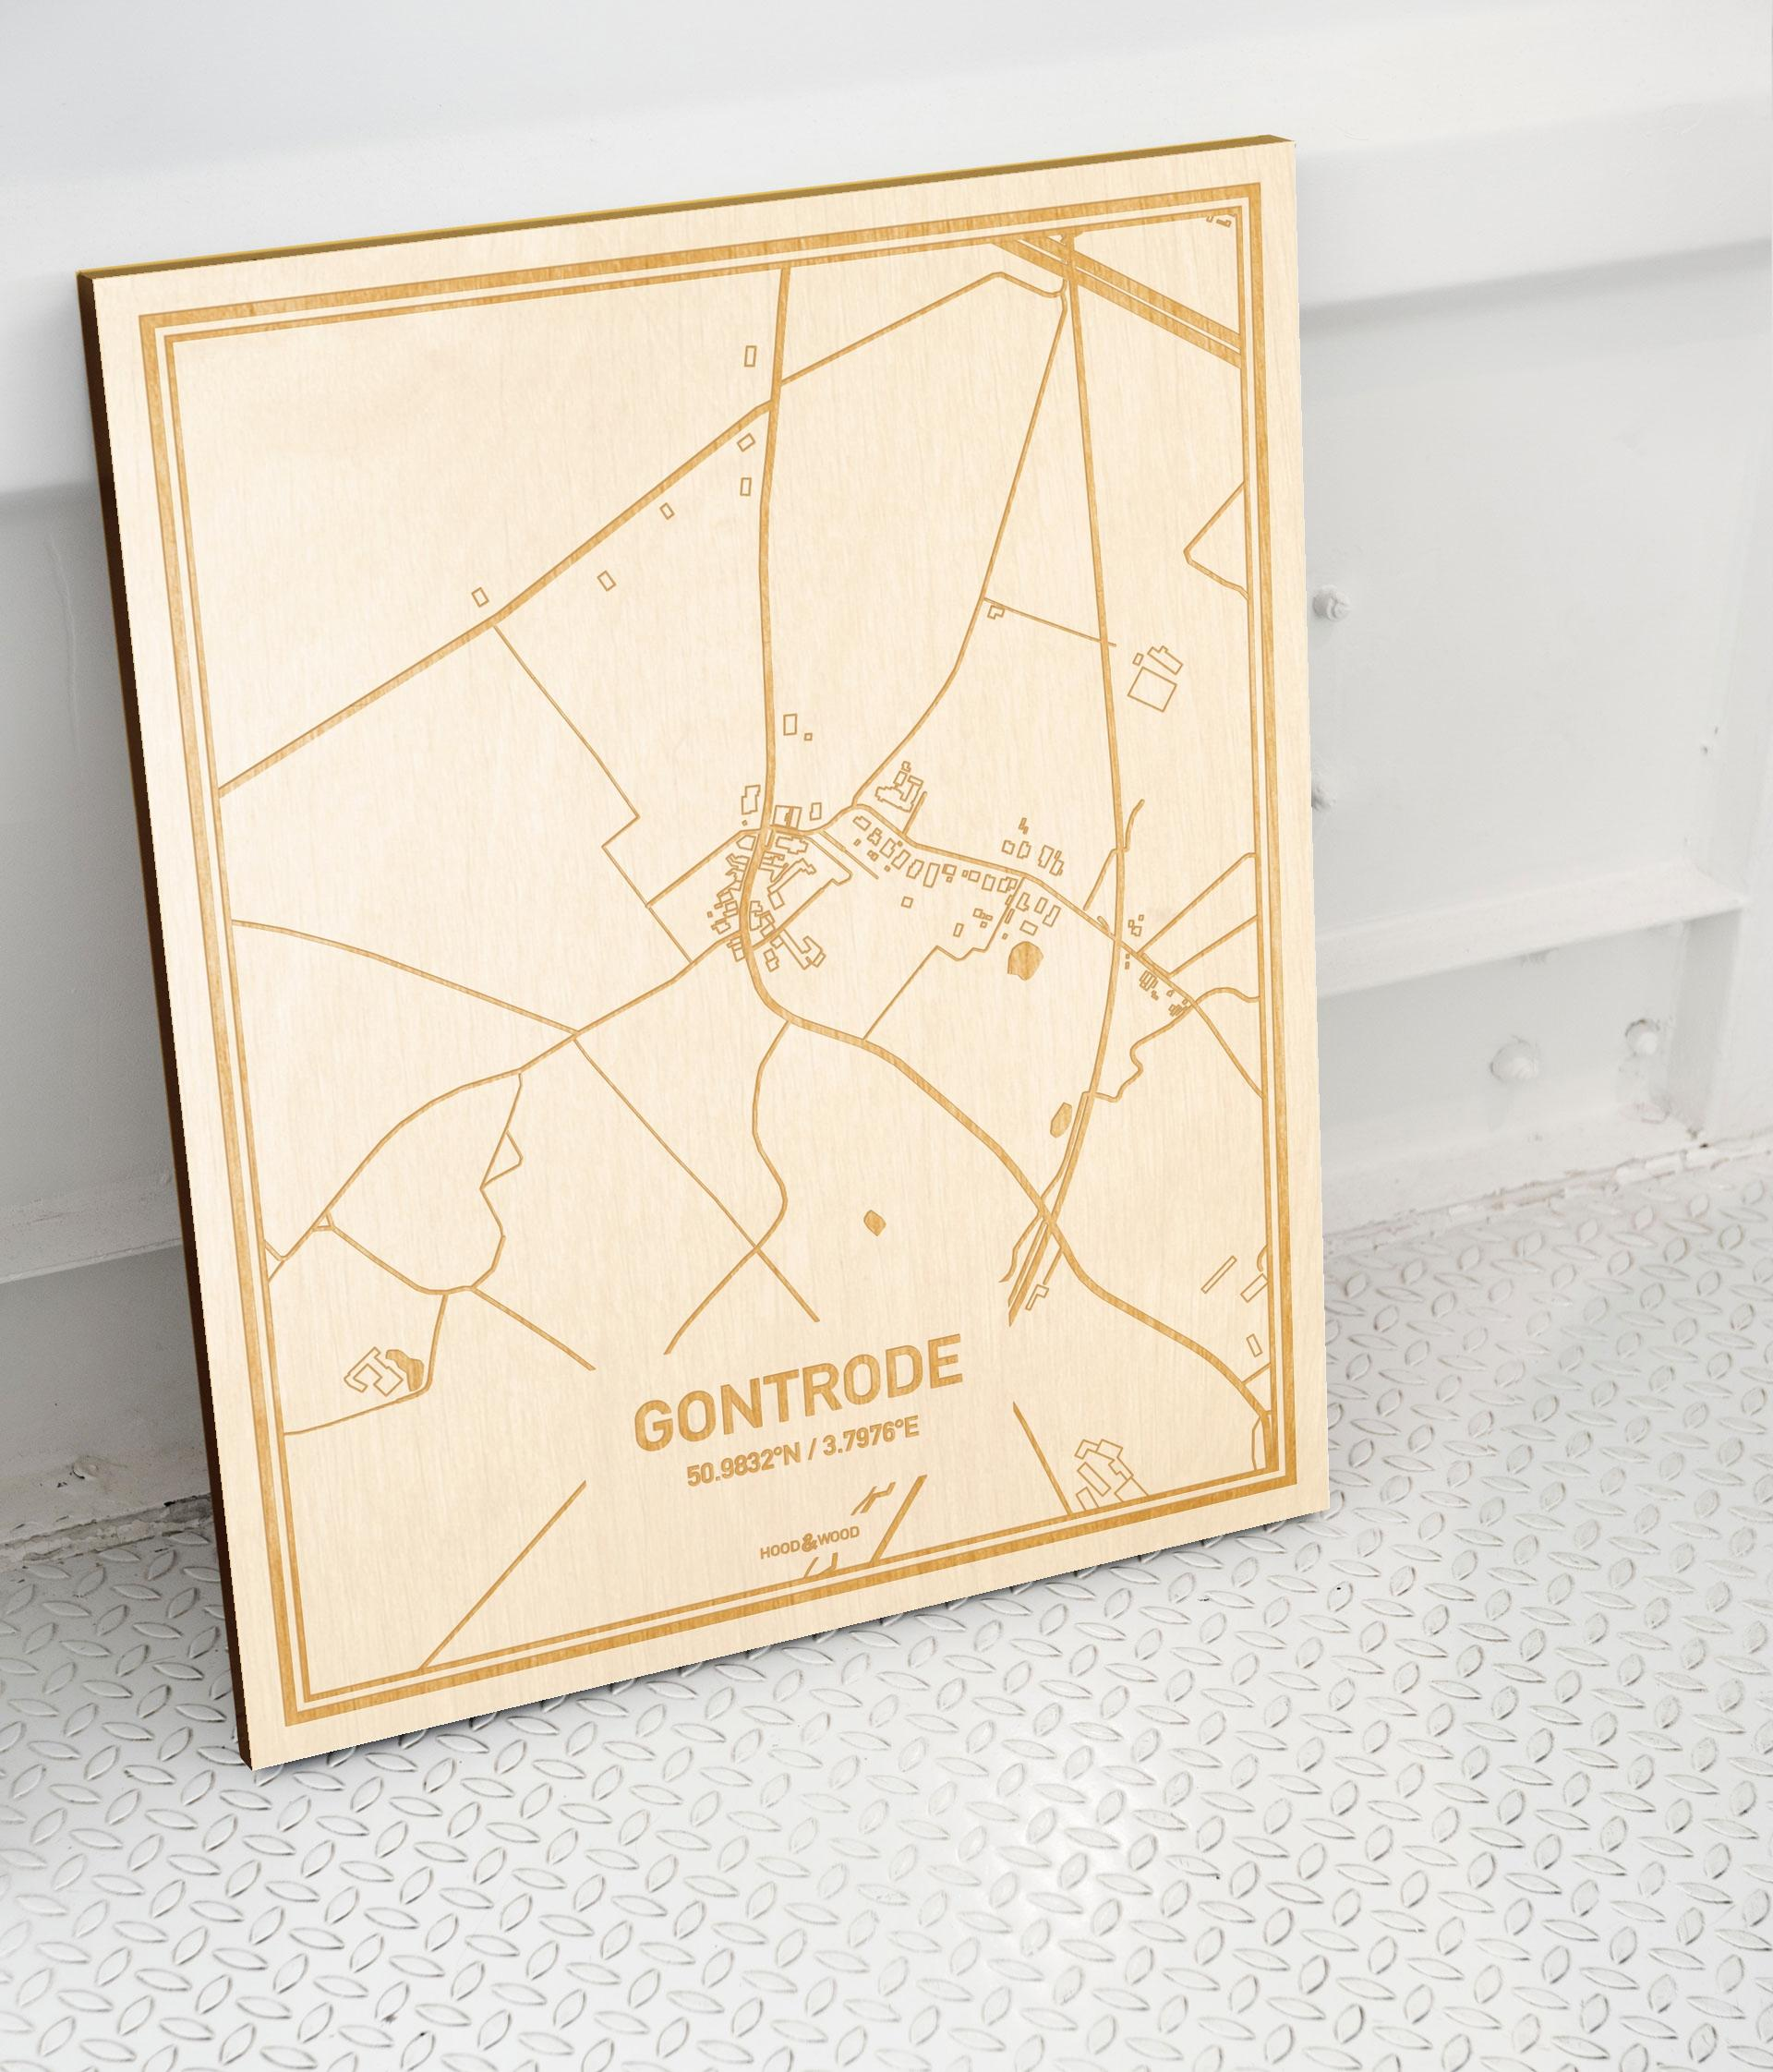 Plattegrond Gontrode als prachtige houten wanddecoratie. Het warme hout contrasteert mooi met de witte muur.